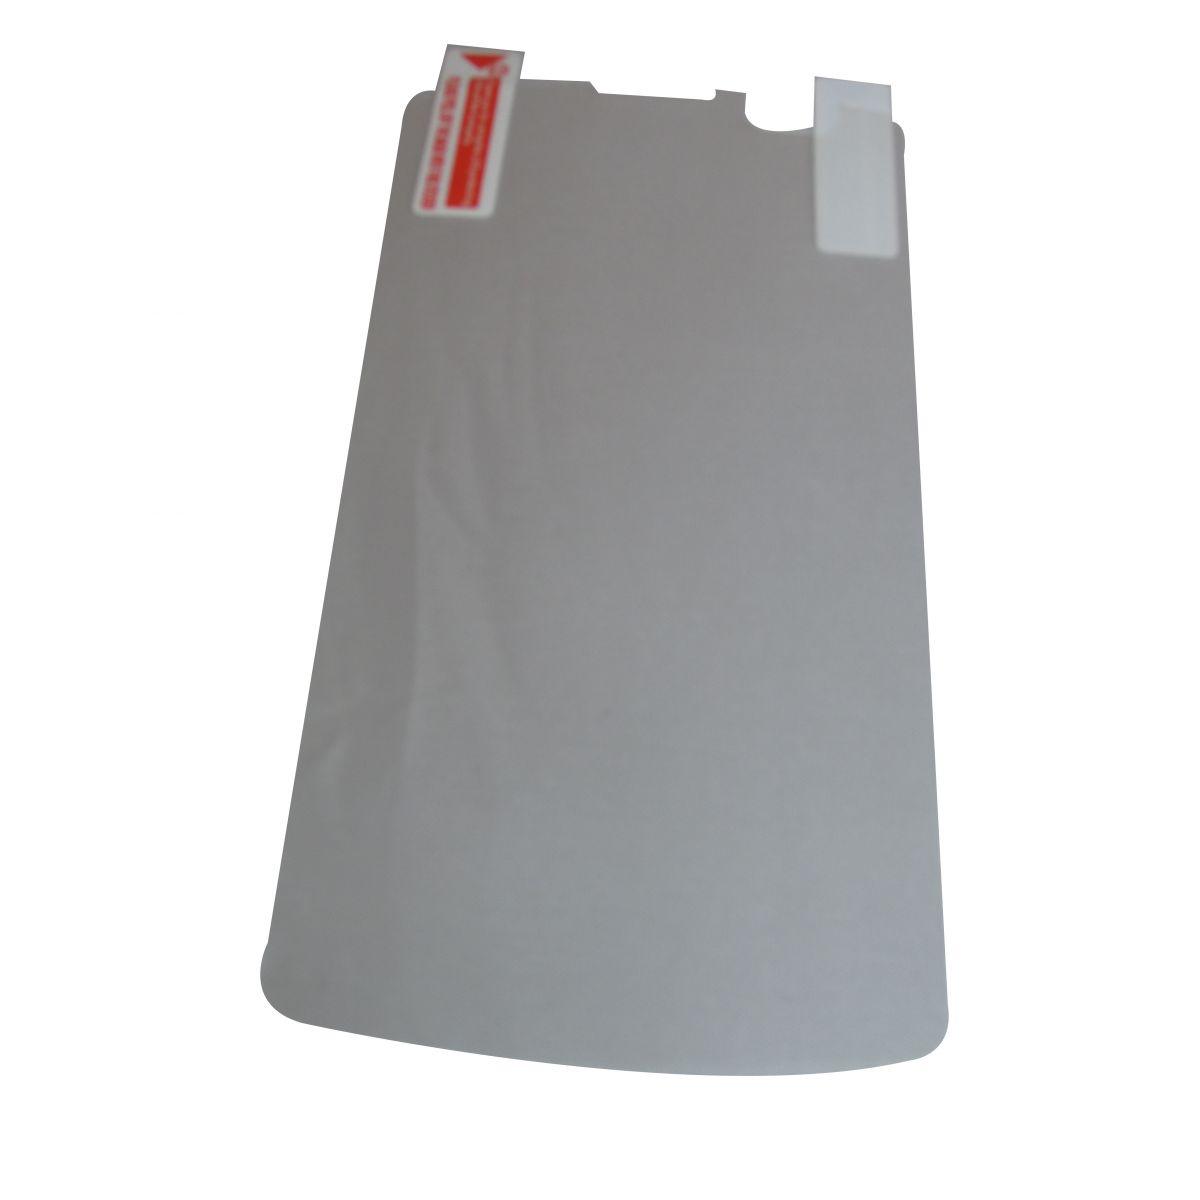 Película Protetora para Lg G2 Lite D295 - Transparente